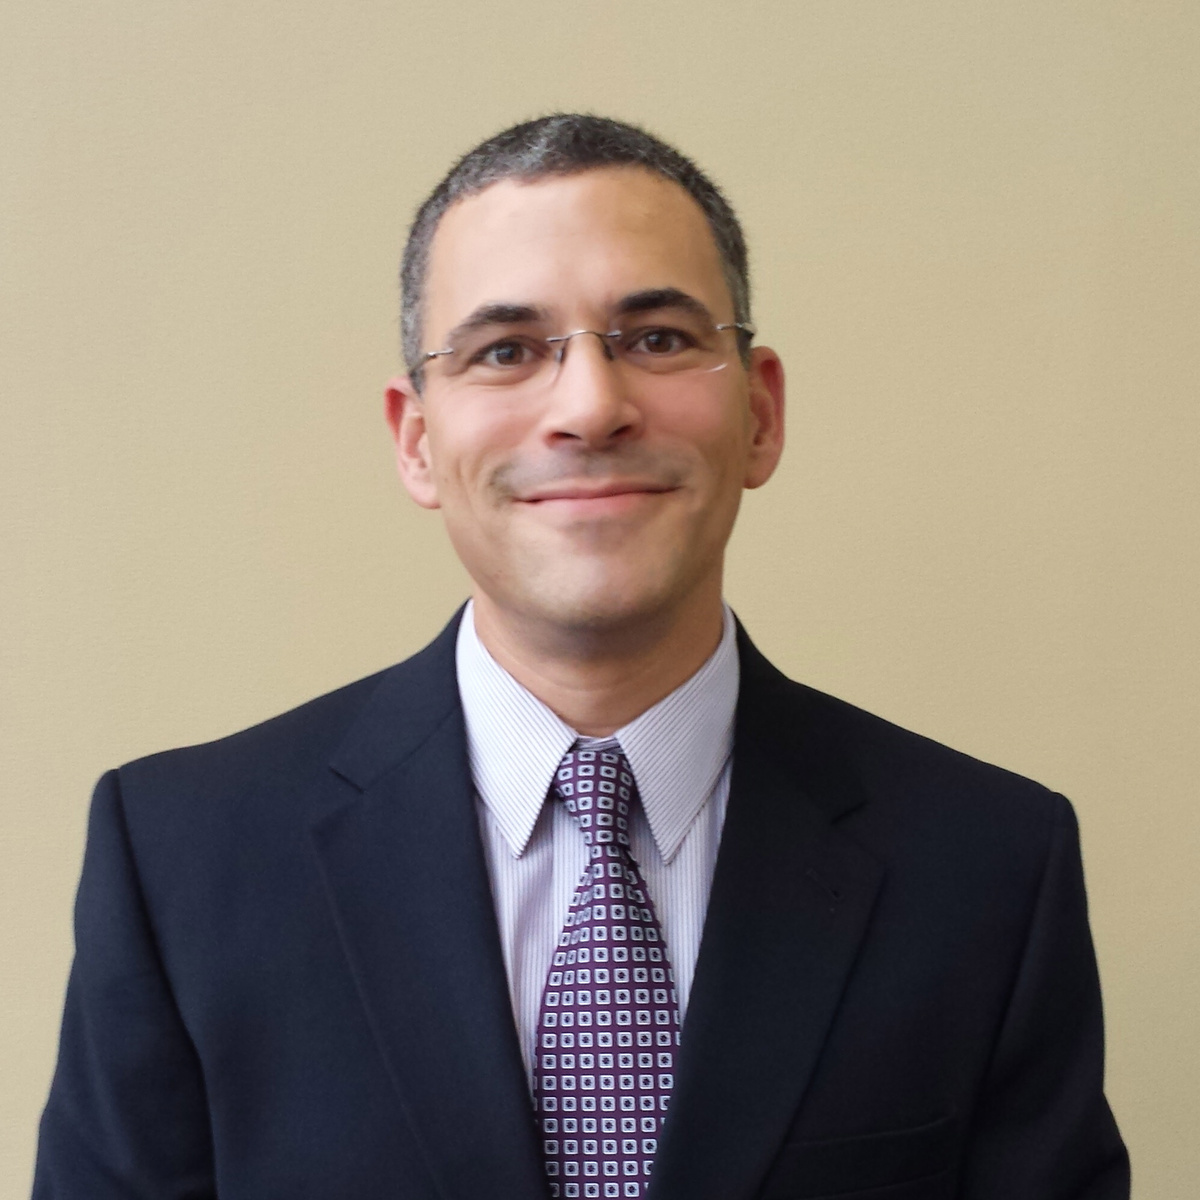 Dr Michael Reinhorn